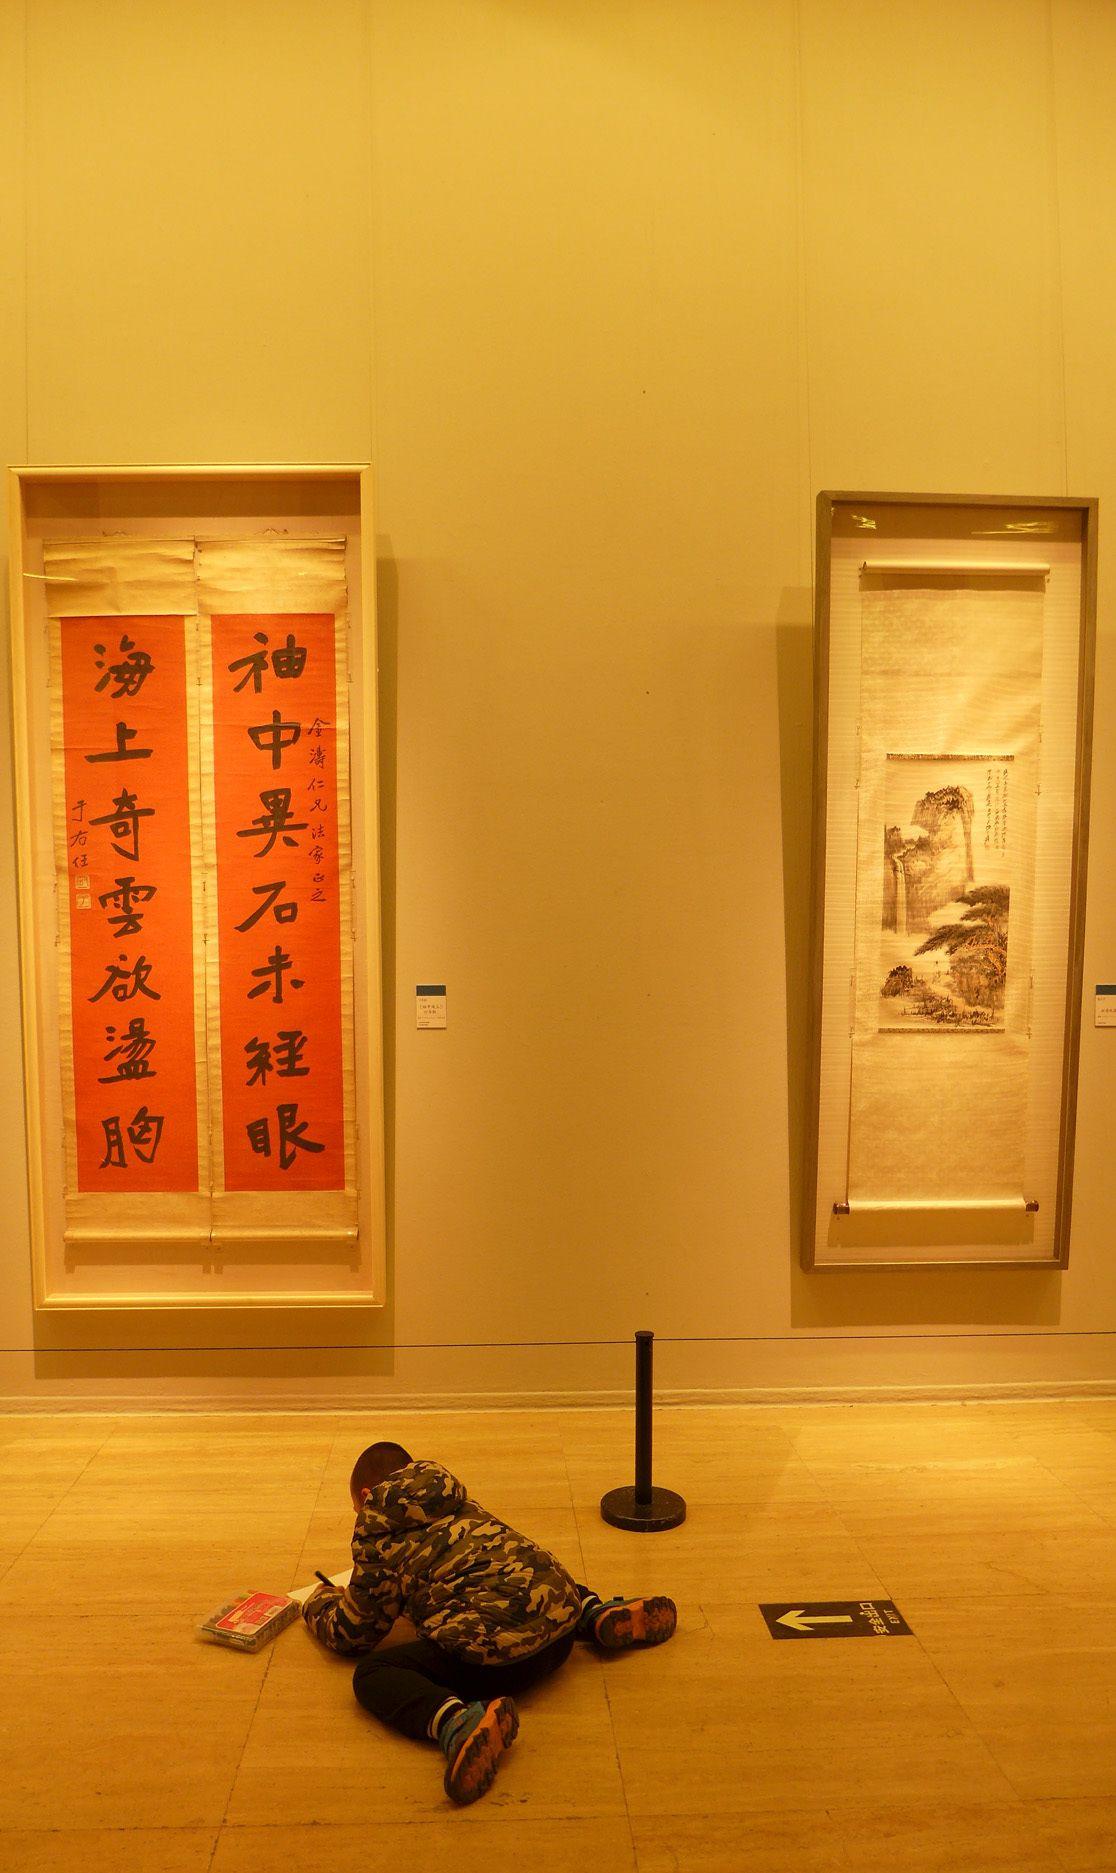 中国美术馆里趴在地上用左手画画的小孩